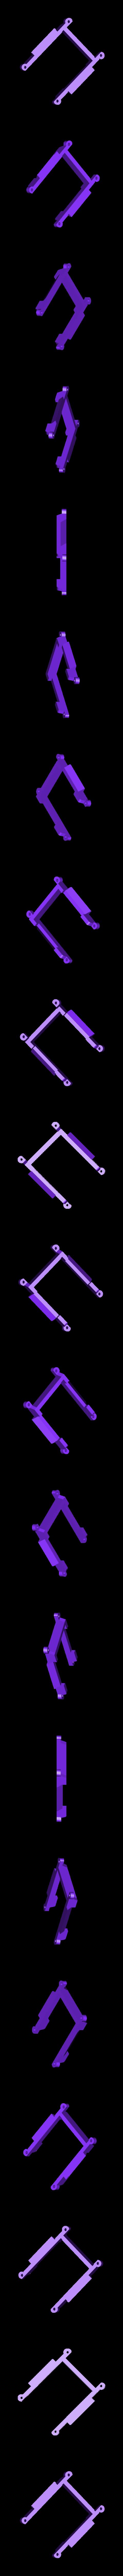 fixation_lipo_fpv.stl Descargar archivo STL gratis DC110 ABS FPV para el Control de SP F3 RACING Vuelo EVO Brush • Modelo para imprimir en 3D, Microdure